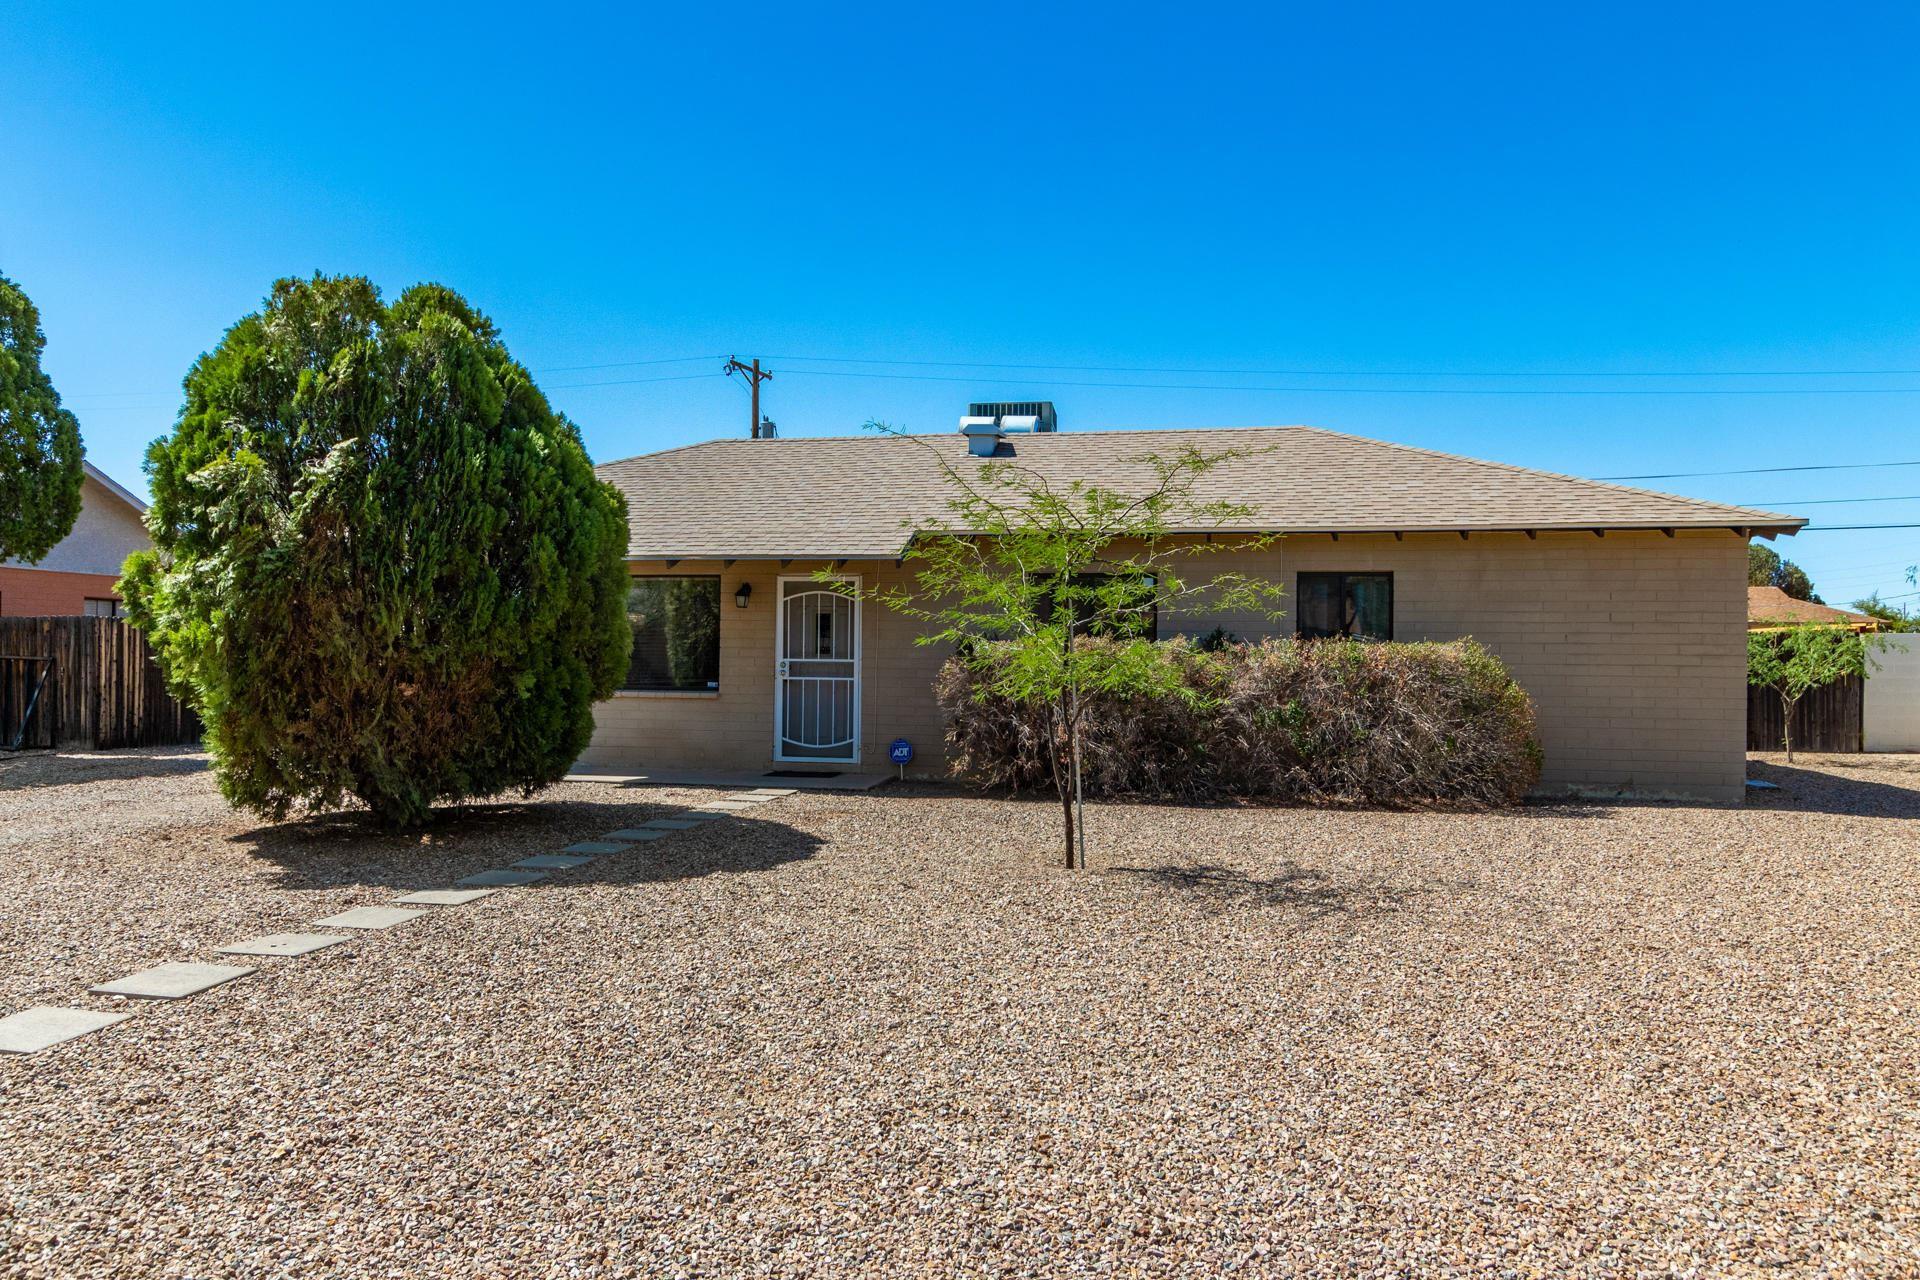 4710 E Montecito Street, Tucson, AZ 85711 - MLS#: 22112298